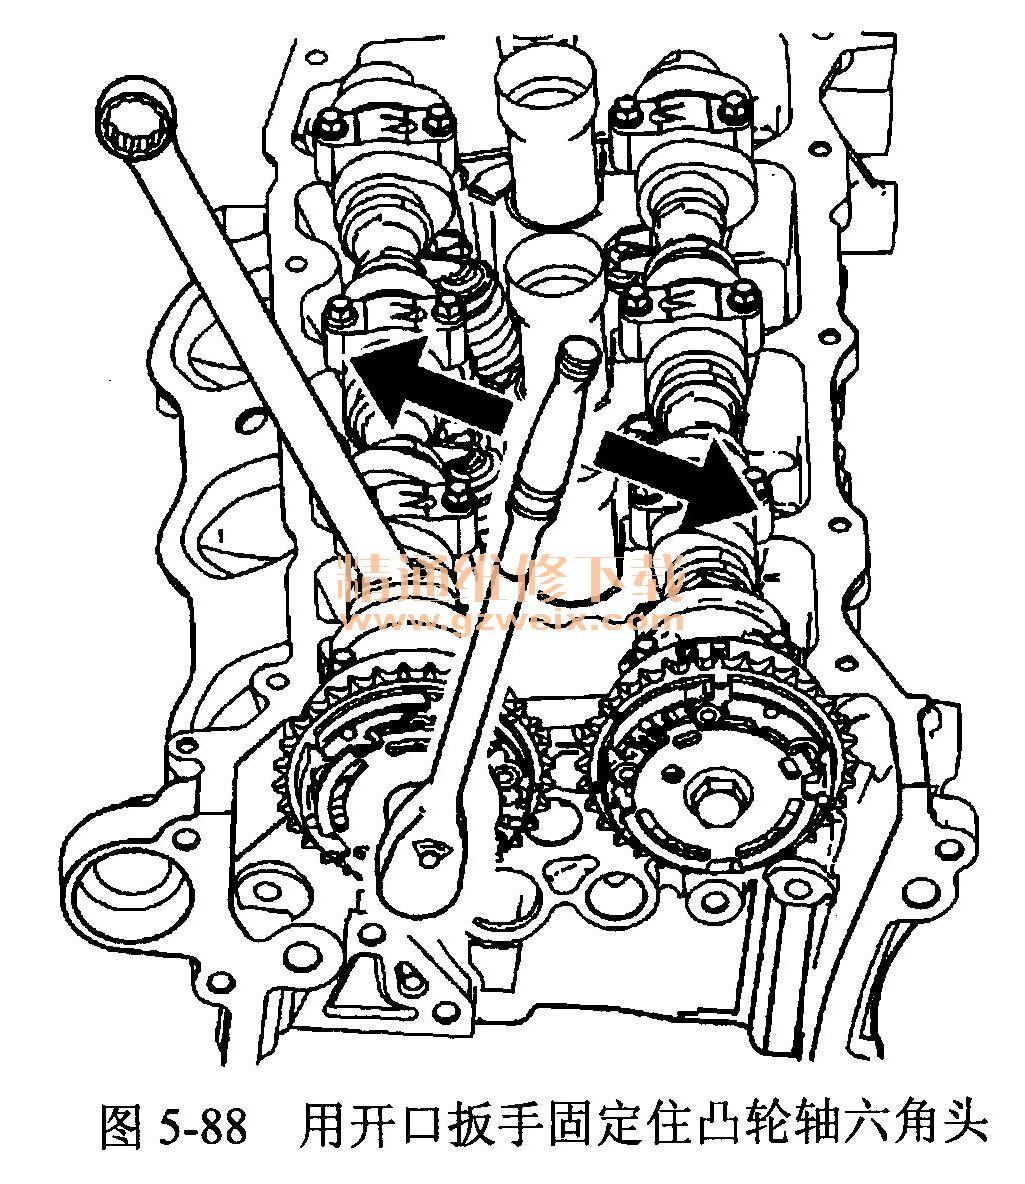 注意:用开口扳手固定住凸轮轴六角头,防止凸轮轴